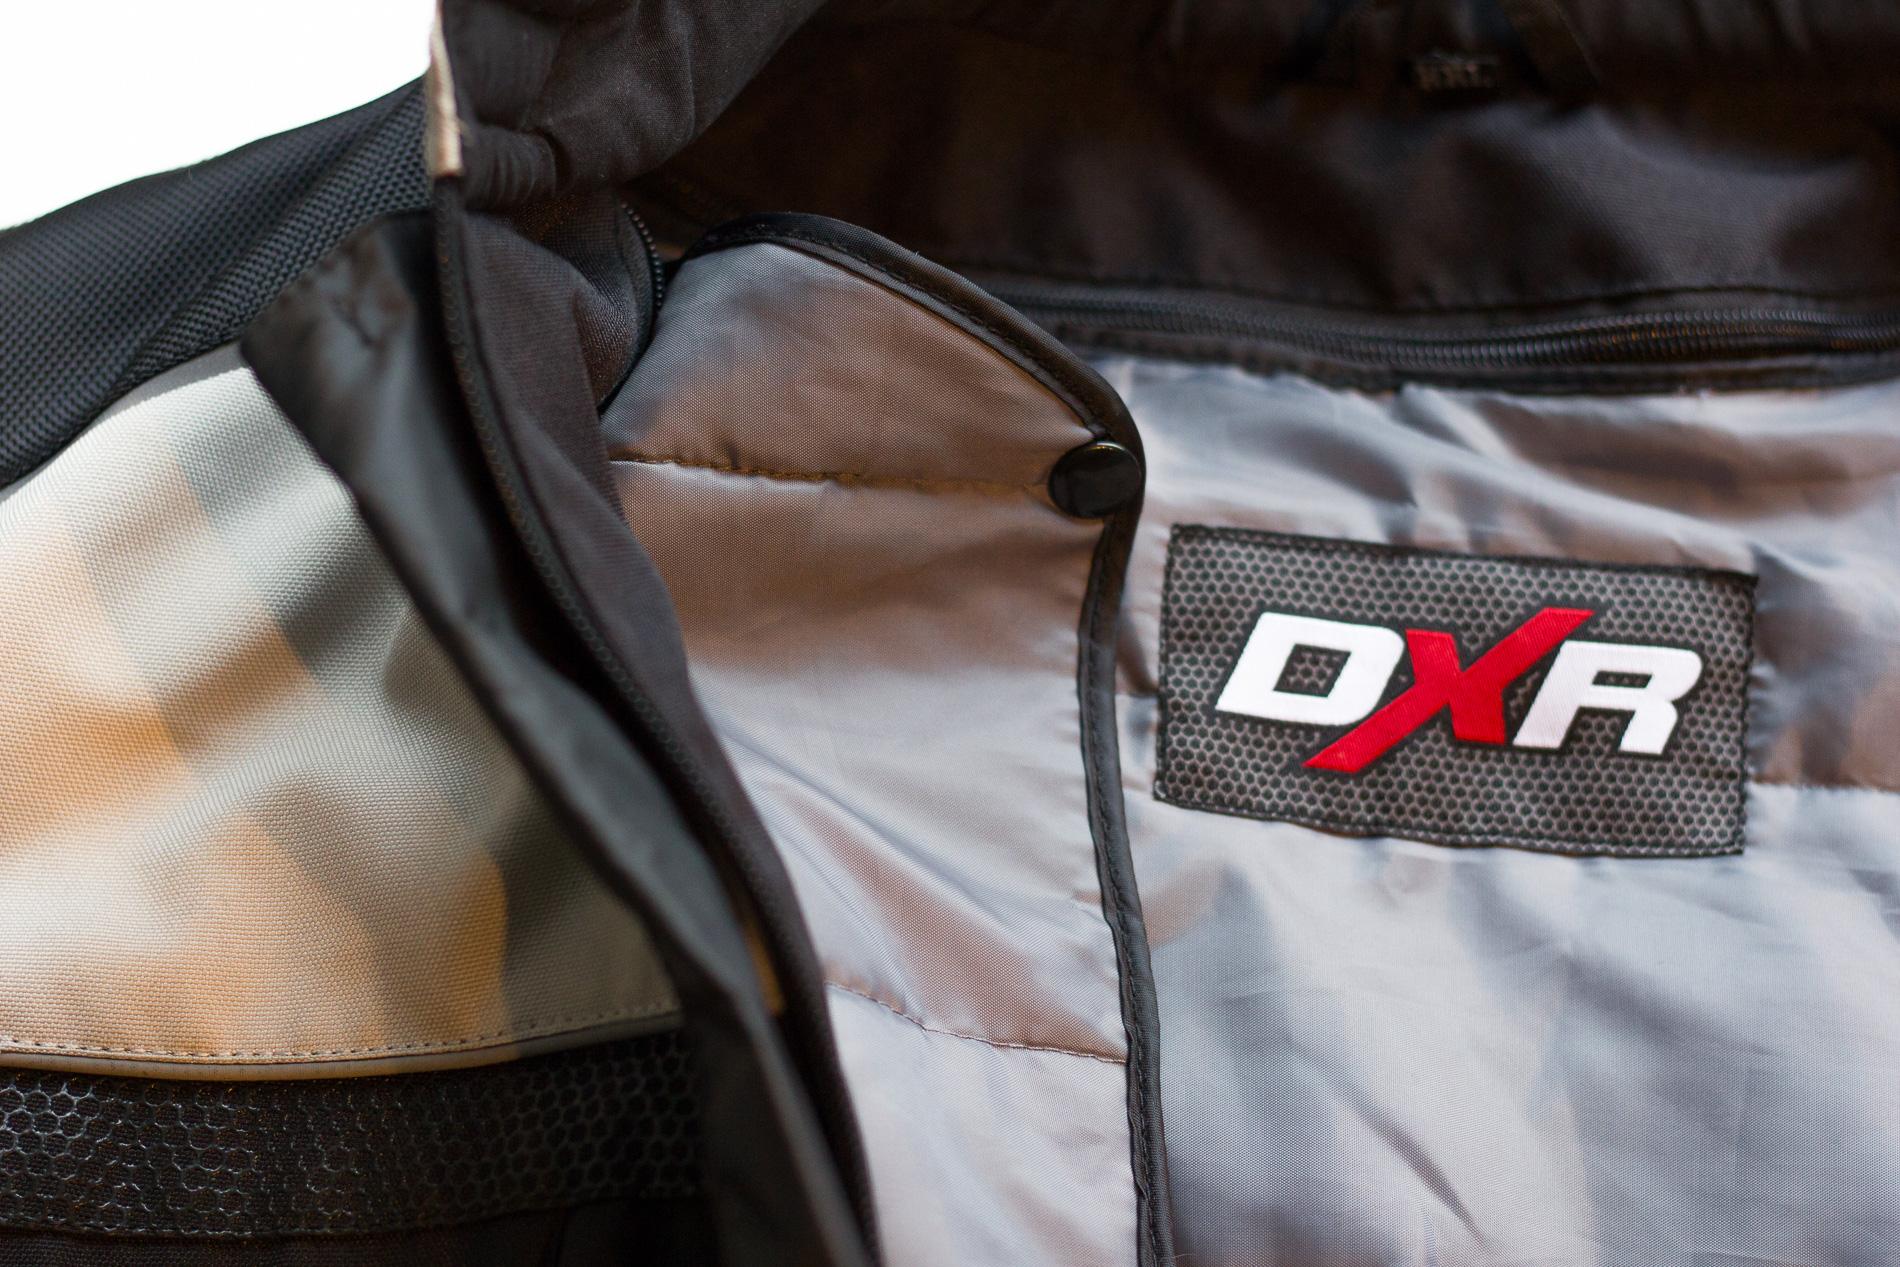 Petit point faible de la veste DXR Roadtrip, la doublure s'avère un peu légère en hiver. A combiner avec un ensemble DXR Wintercore